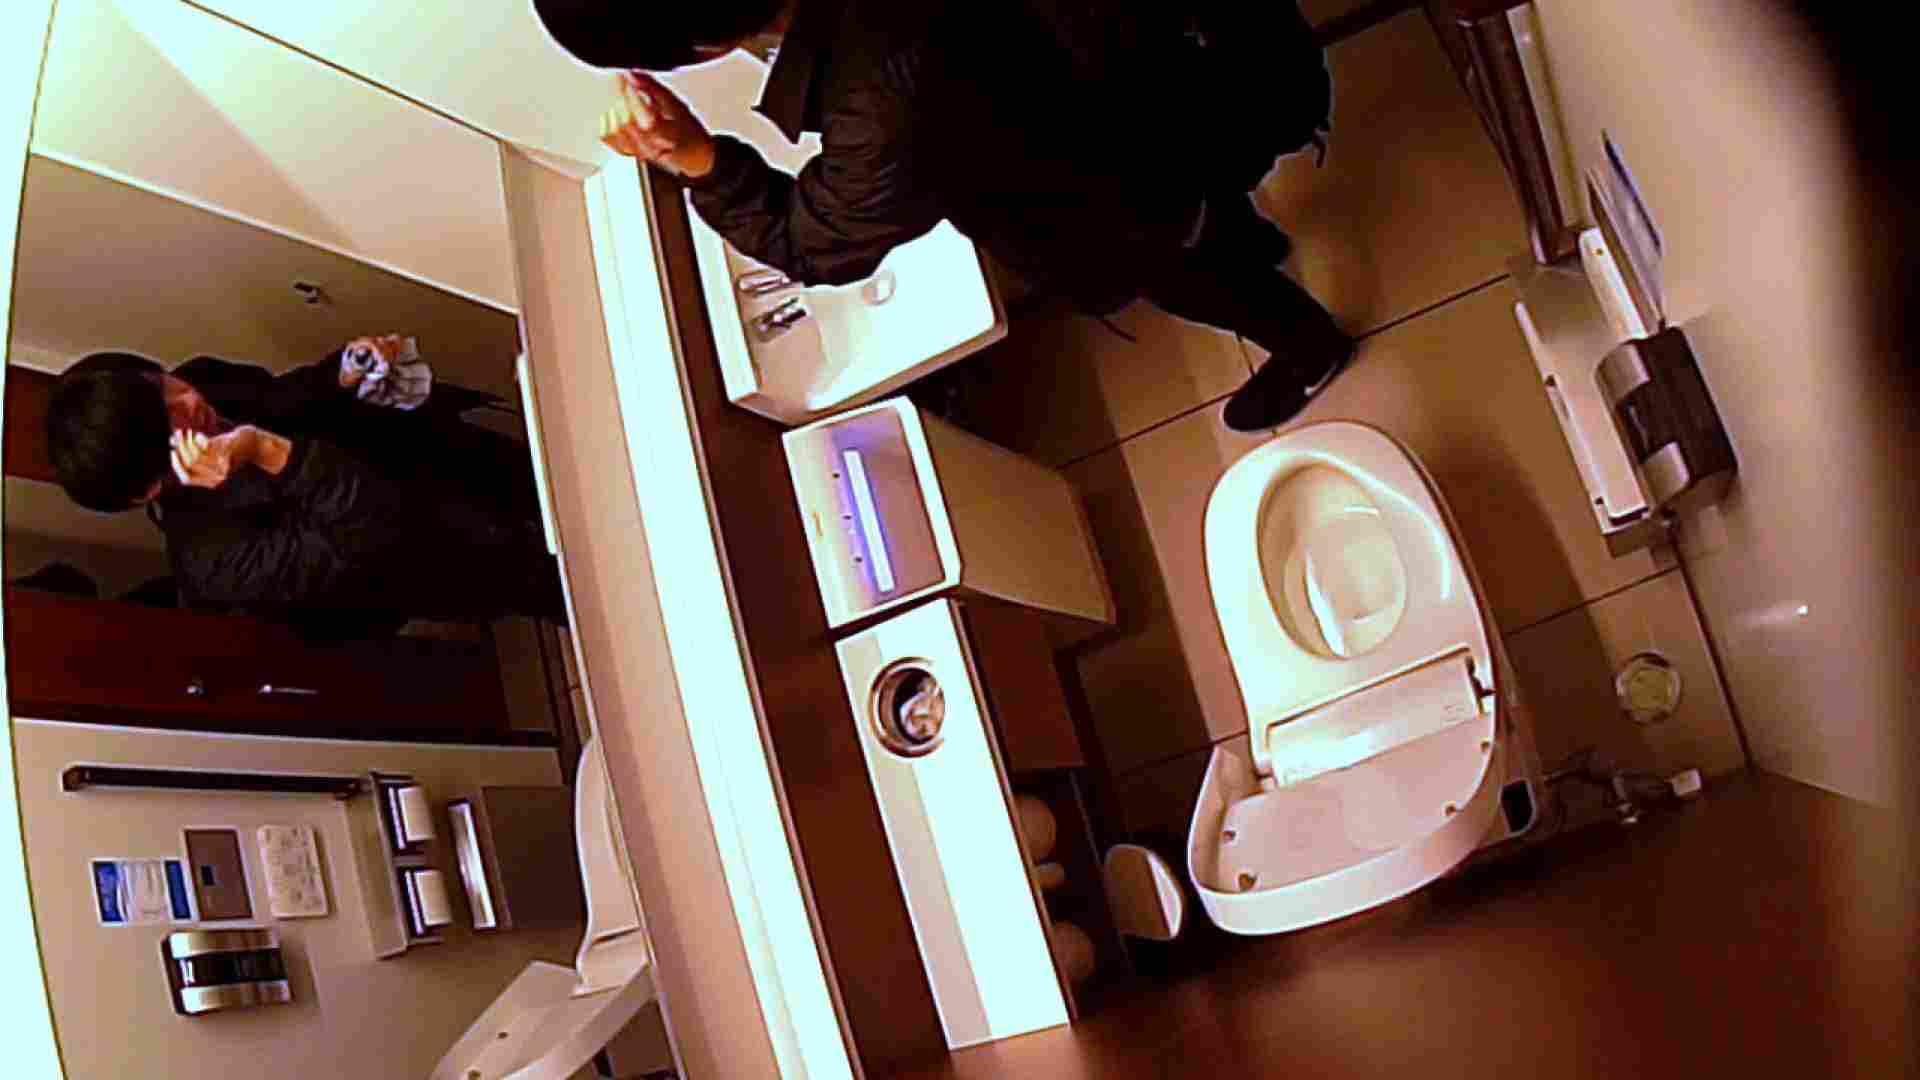 ゲイザーメン動画|すみませんが覗かせてください Vol.32|トイレ